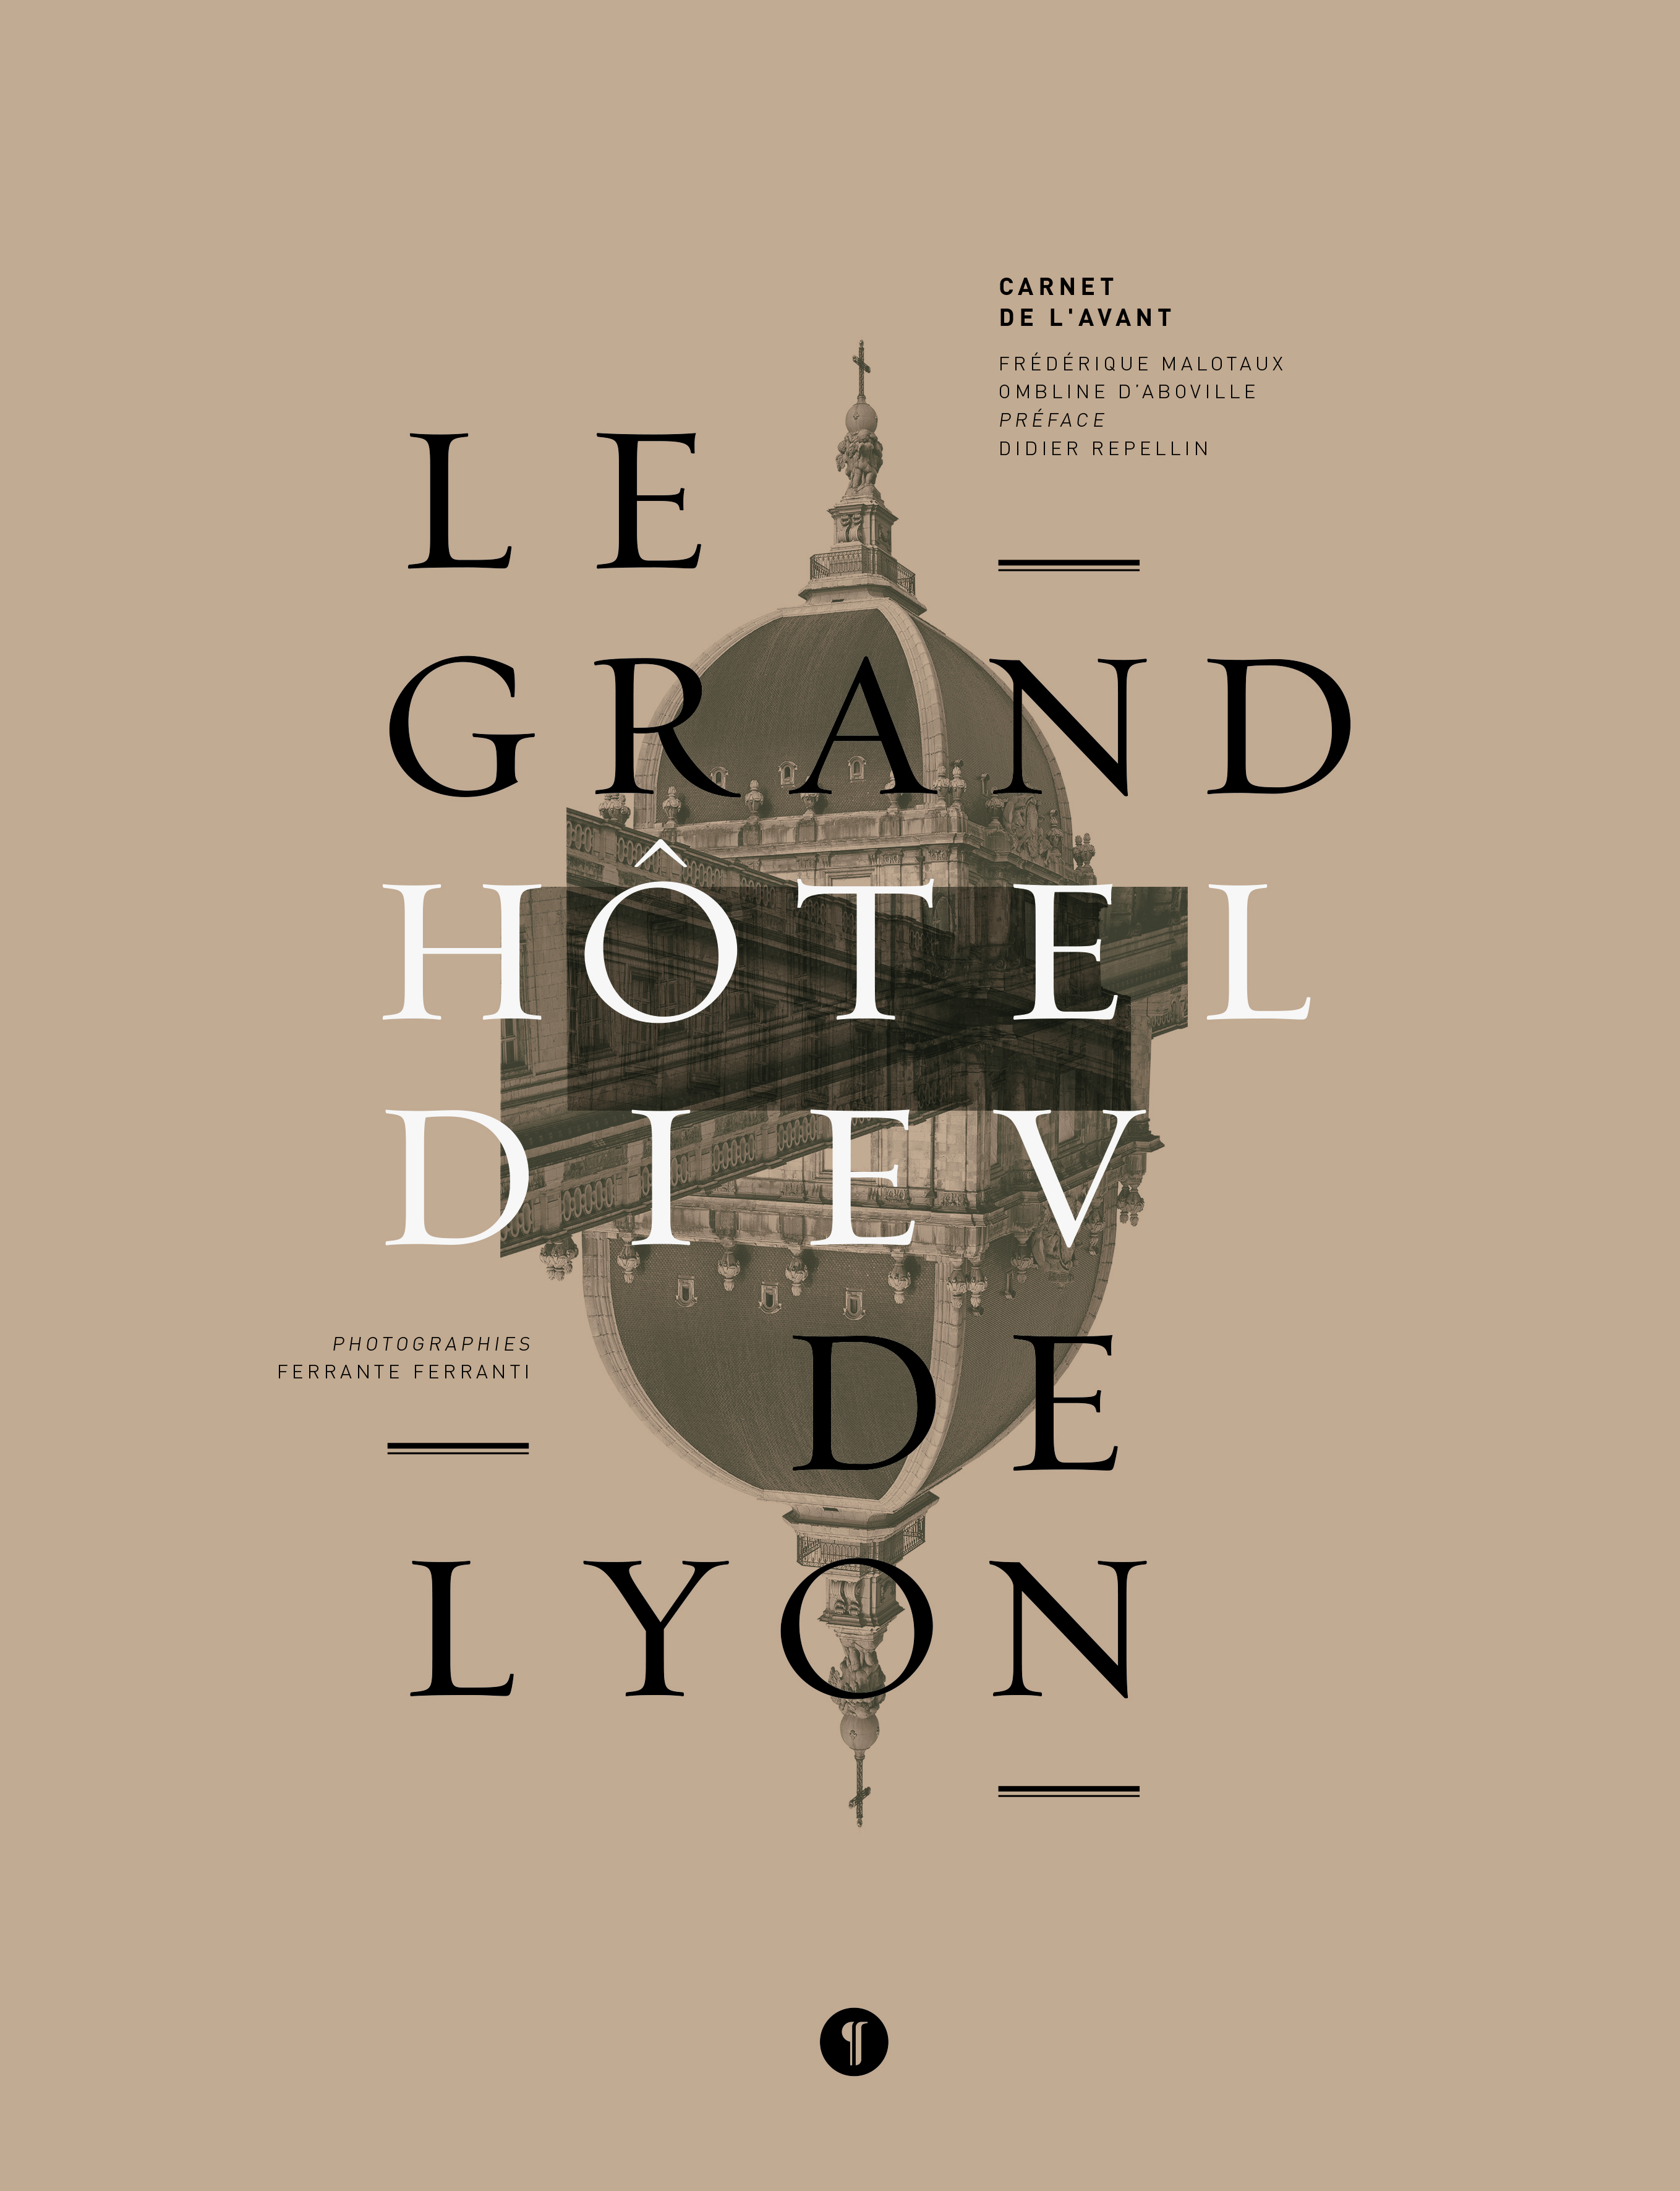 LE GRAND HOTEL-DIEU DE LYON. CARNET DE L'AVANT